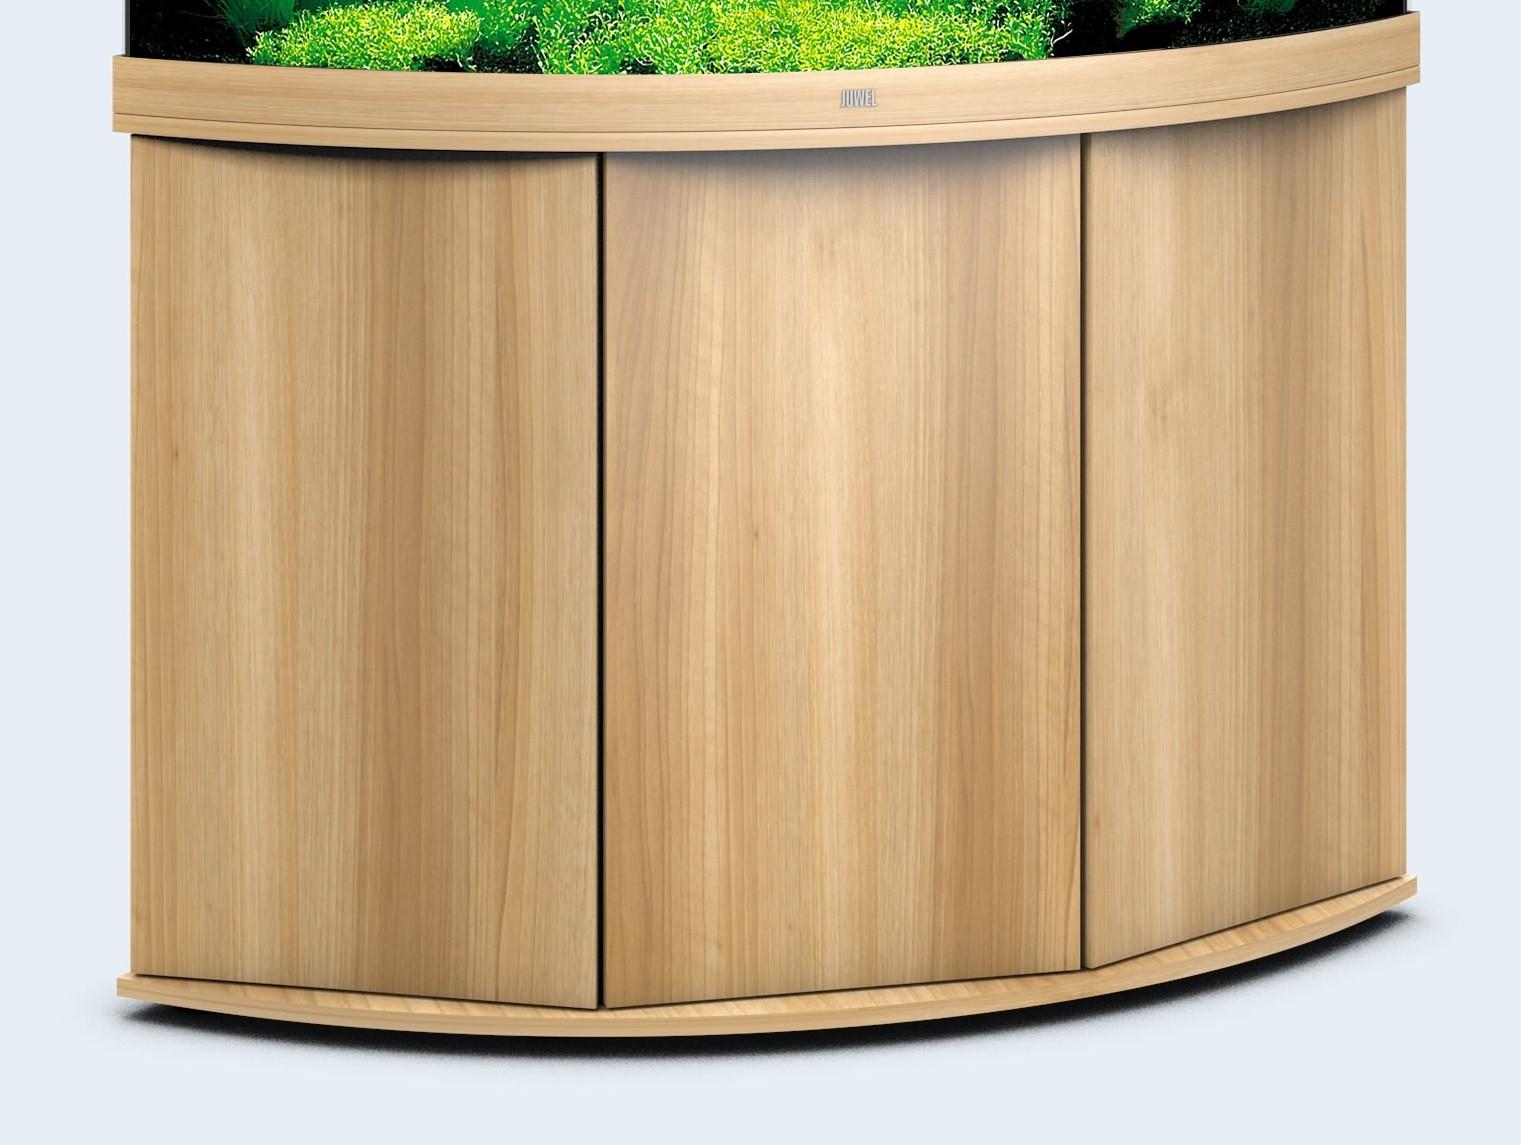 Lyst træ Akvarie underskab til 350 liter Trigon model